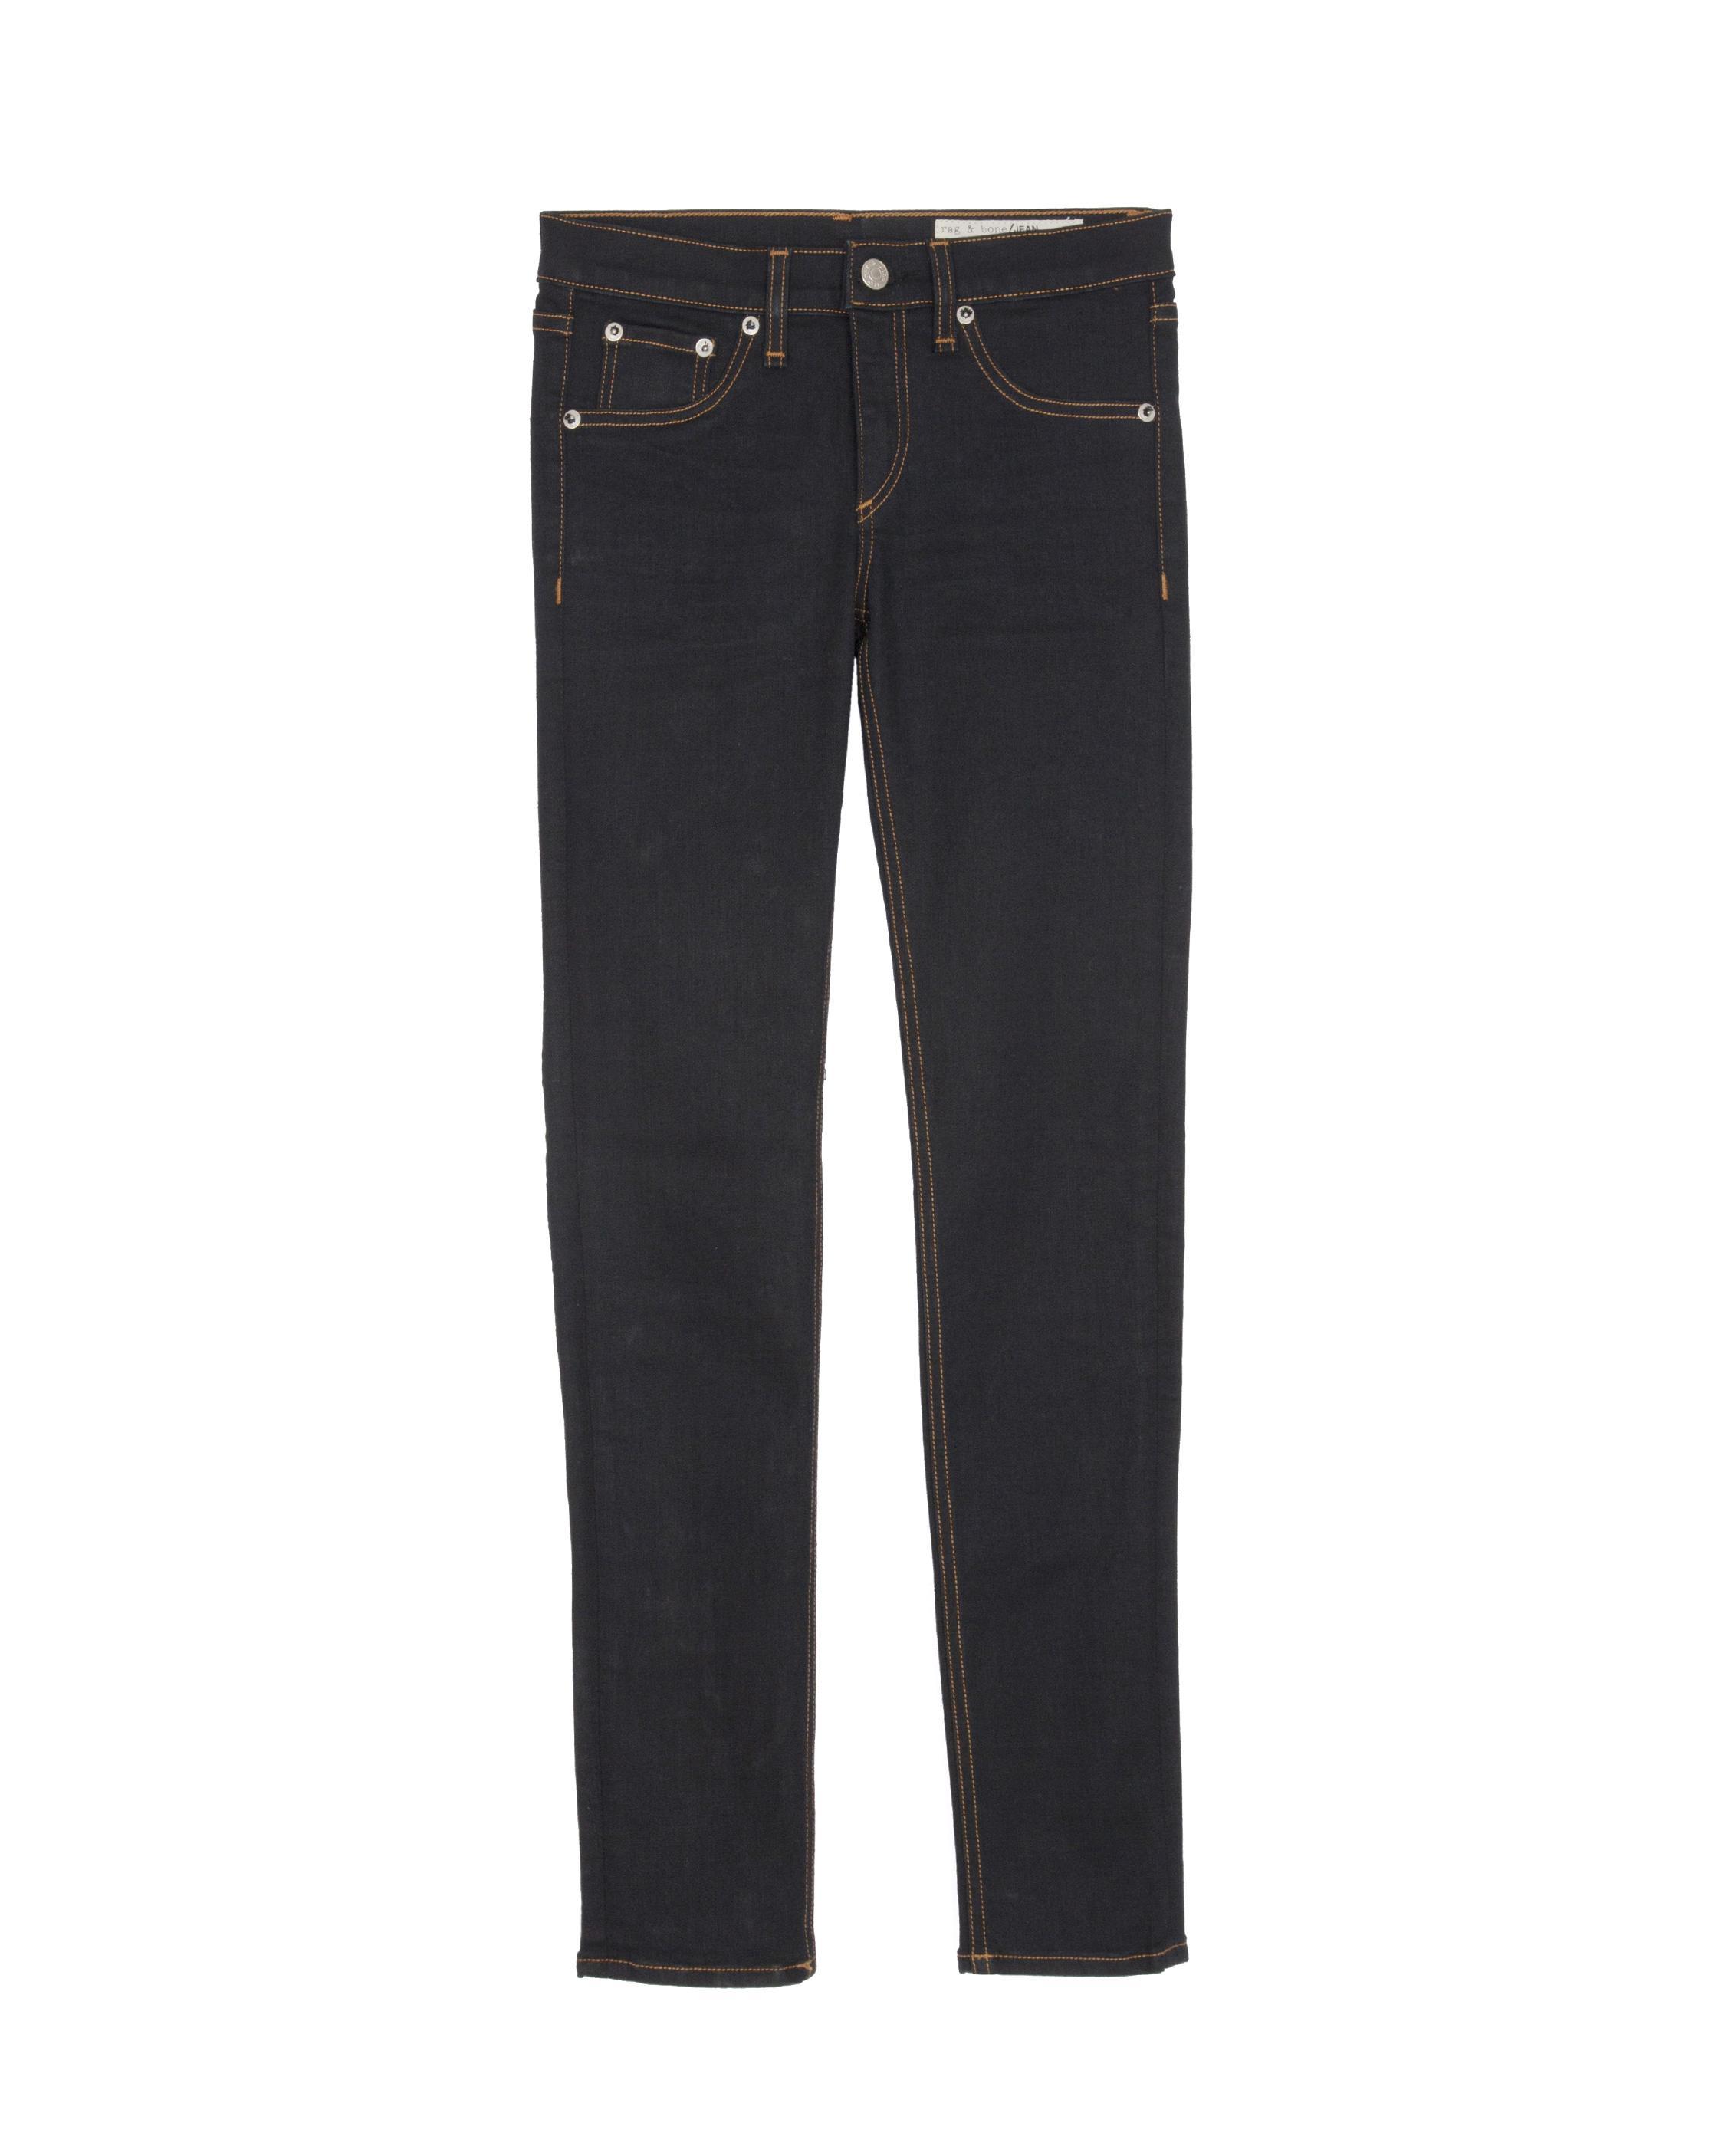 Women's Sale Jeans   rag & bone